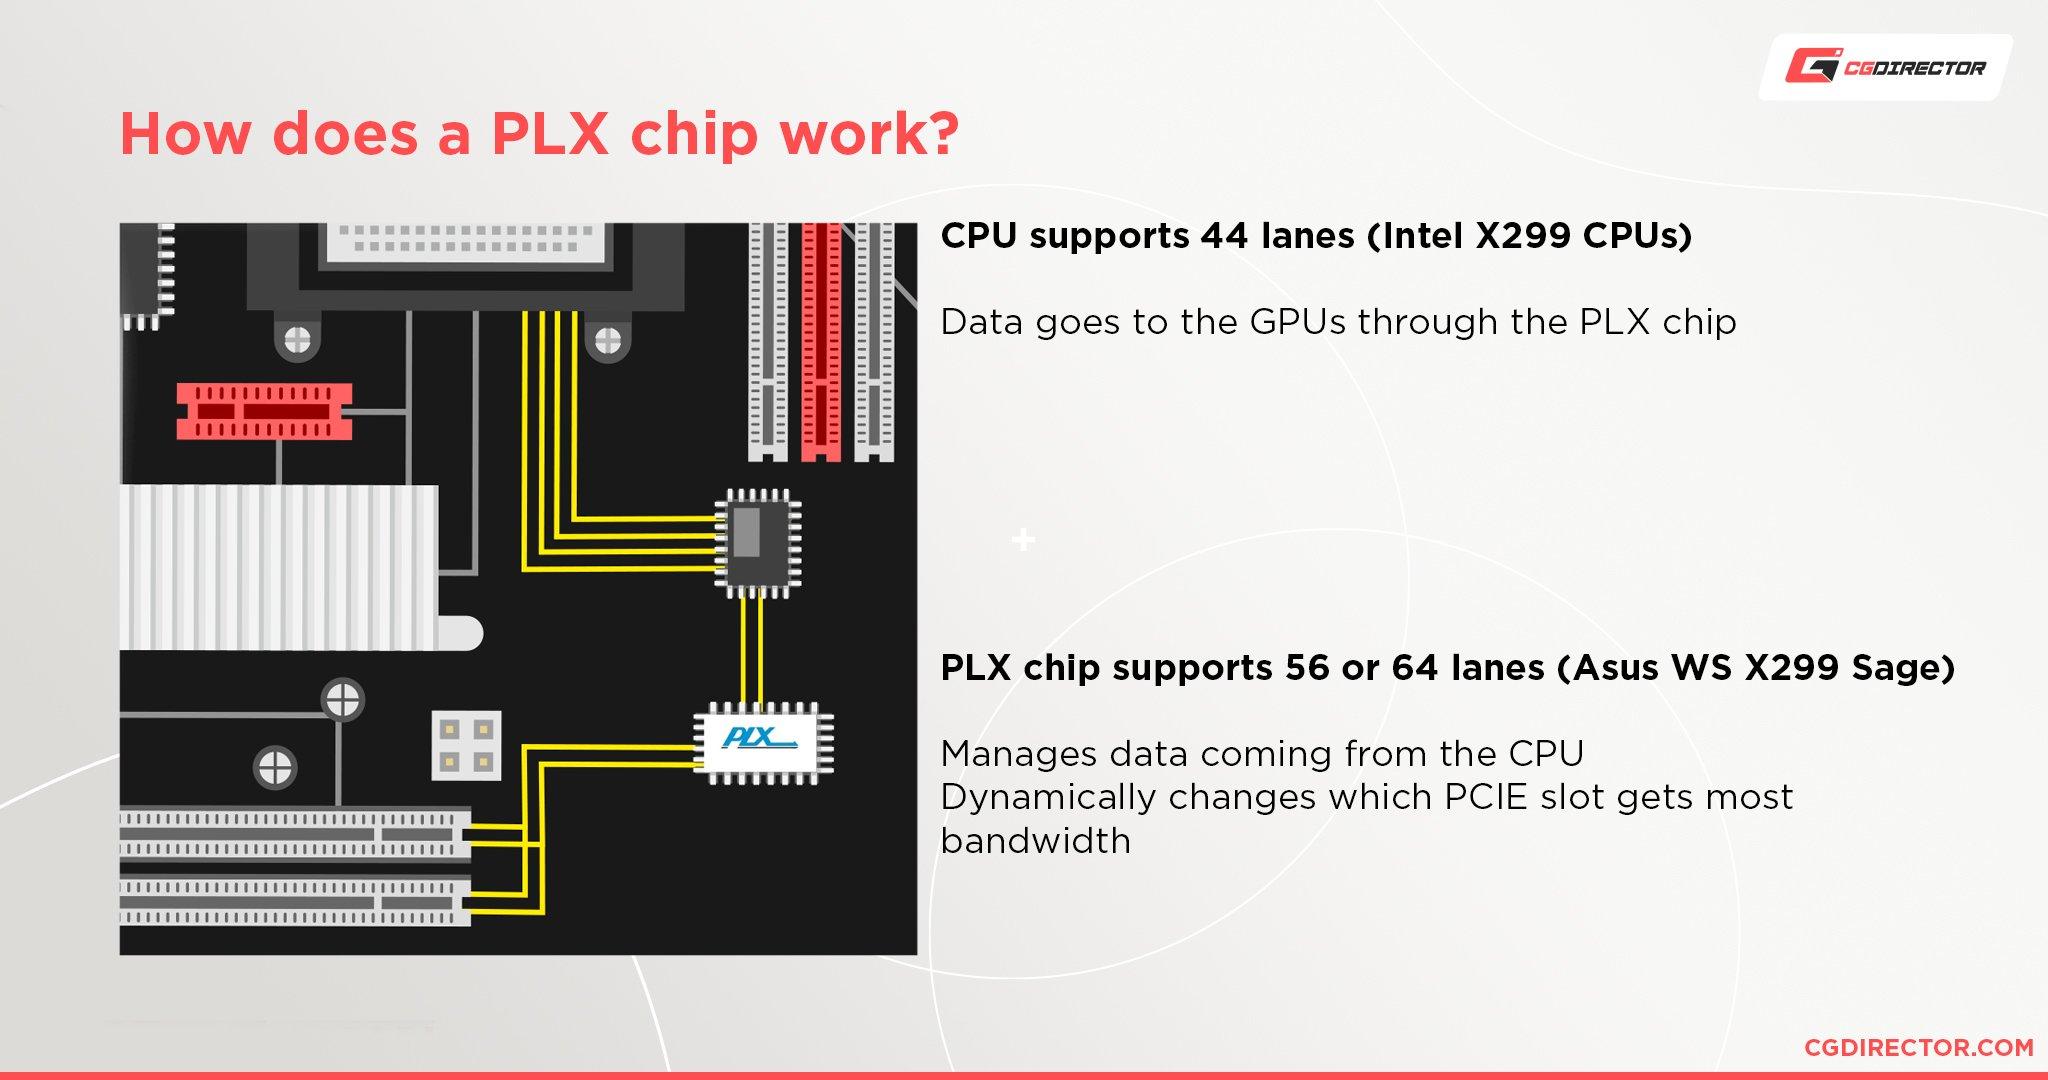 How do PLX chips work